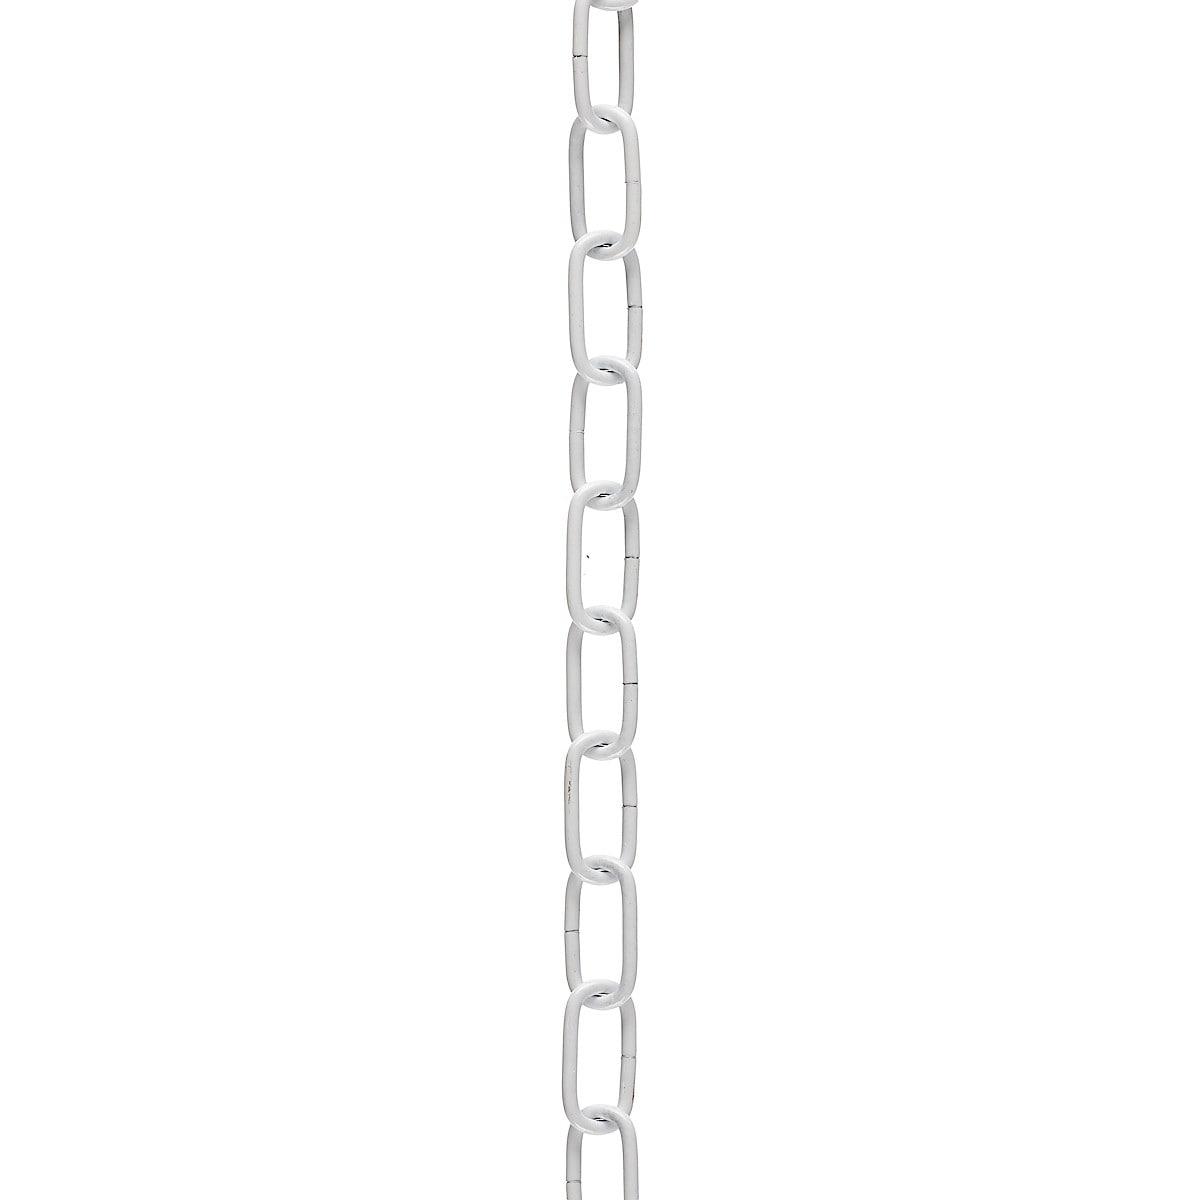 Koristeketju terästä 2,5 m